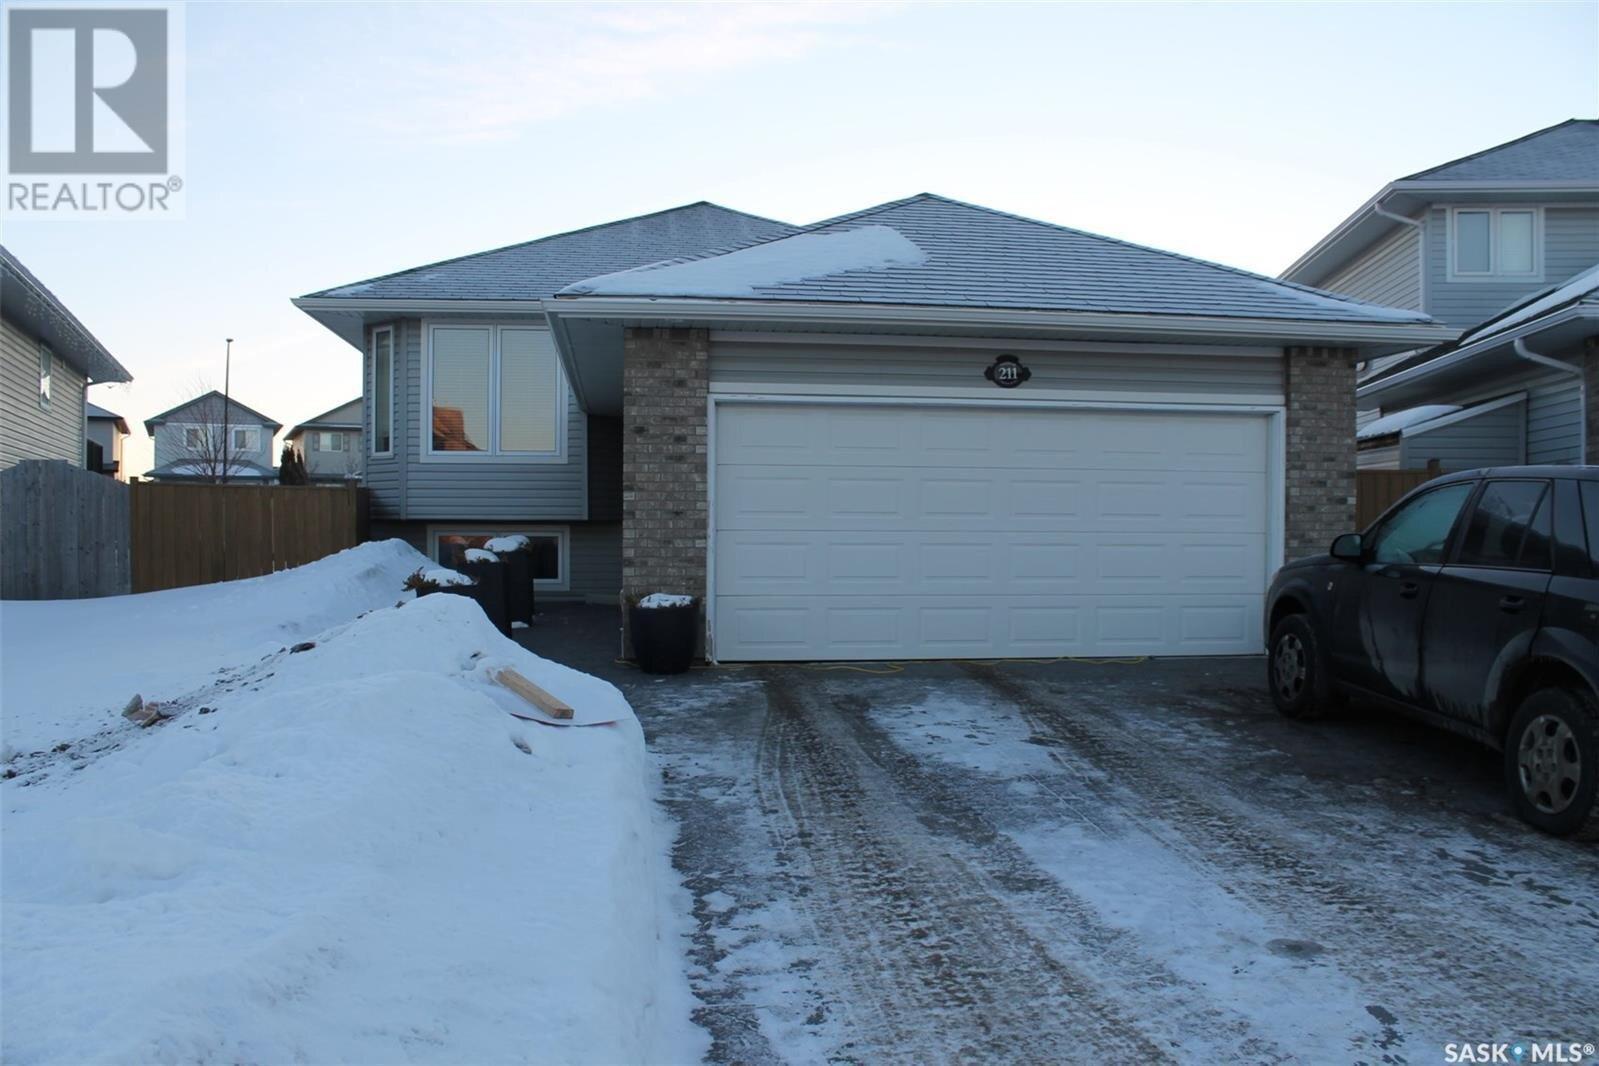 House for sale at 211 Denham Cres Saskatoon Saskatchewan - MLS: SK838767